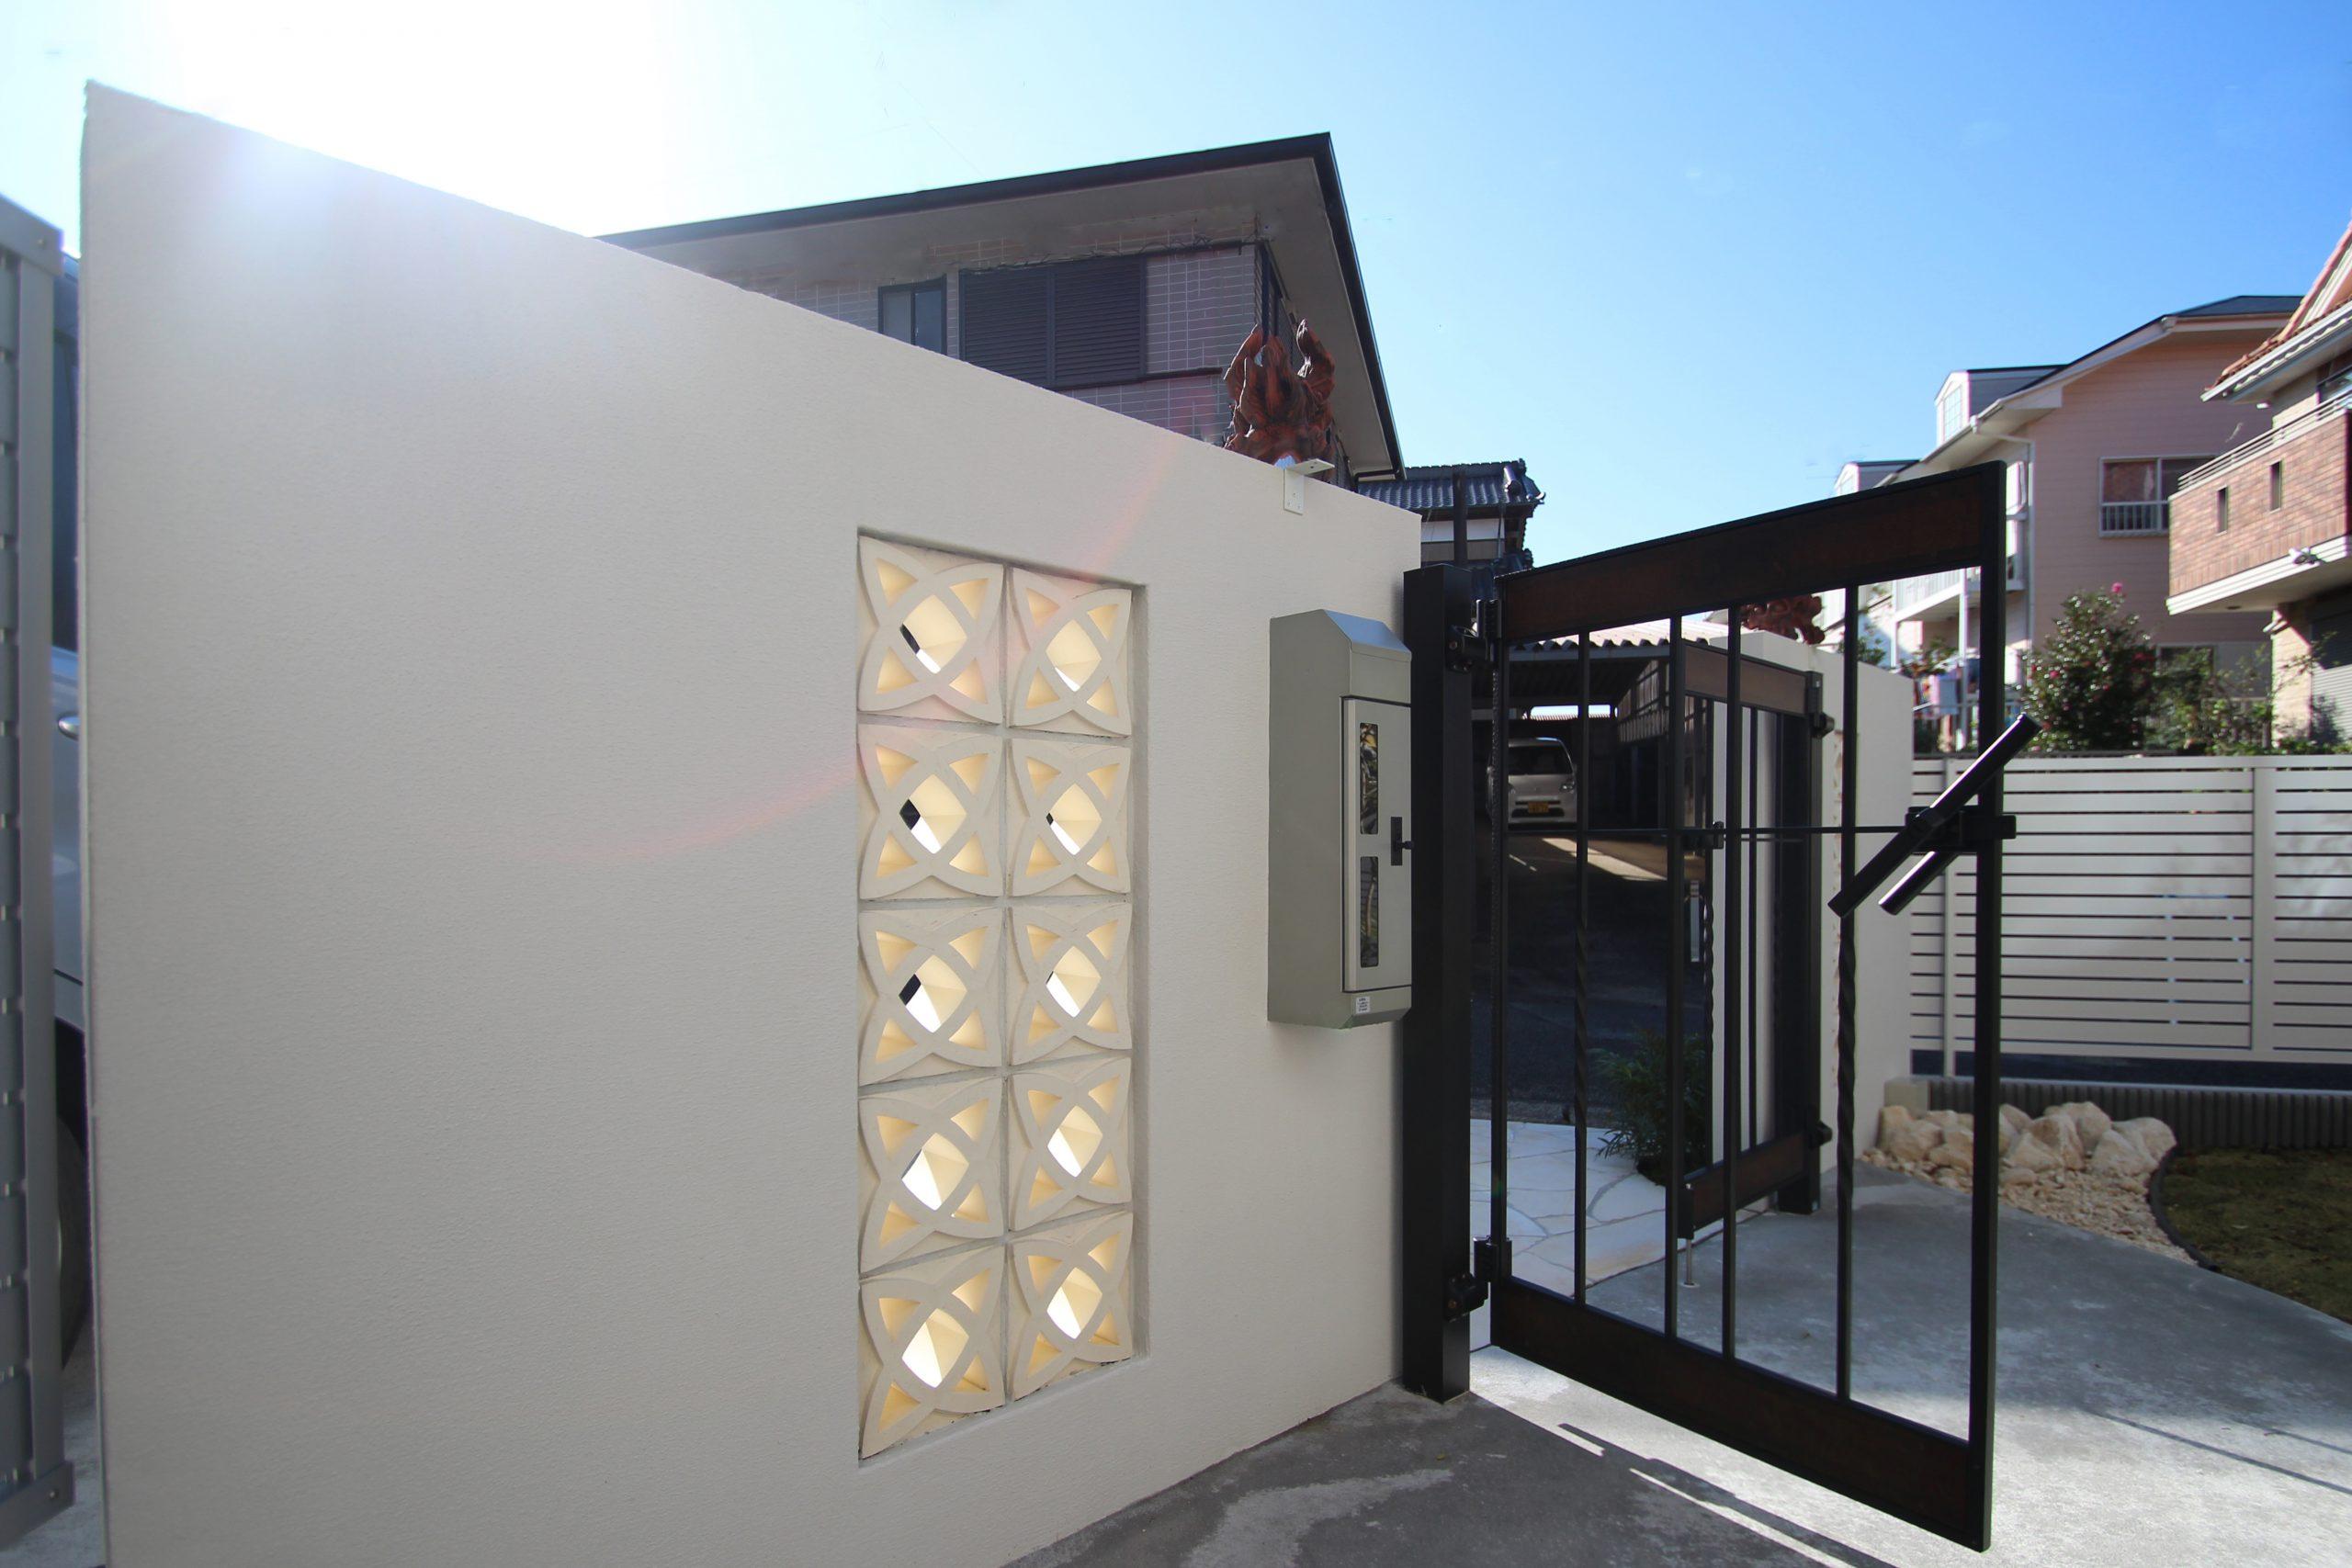 千葉市。<br>オリエンタルなリゾートテイスト。<br>自然石でデザインした門廻り。10